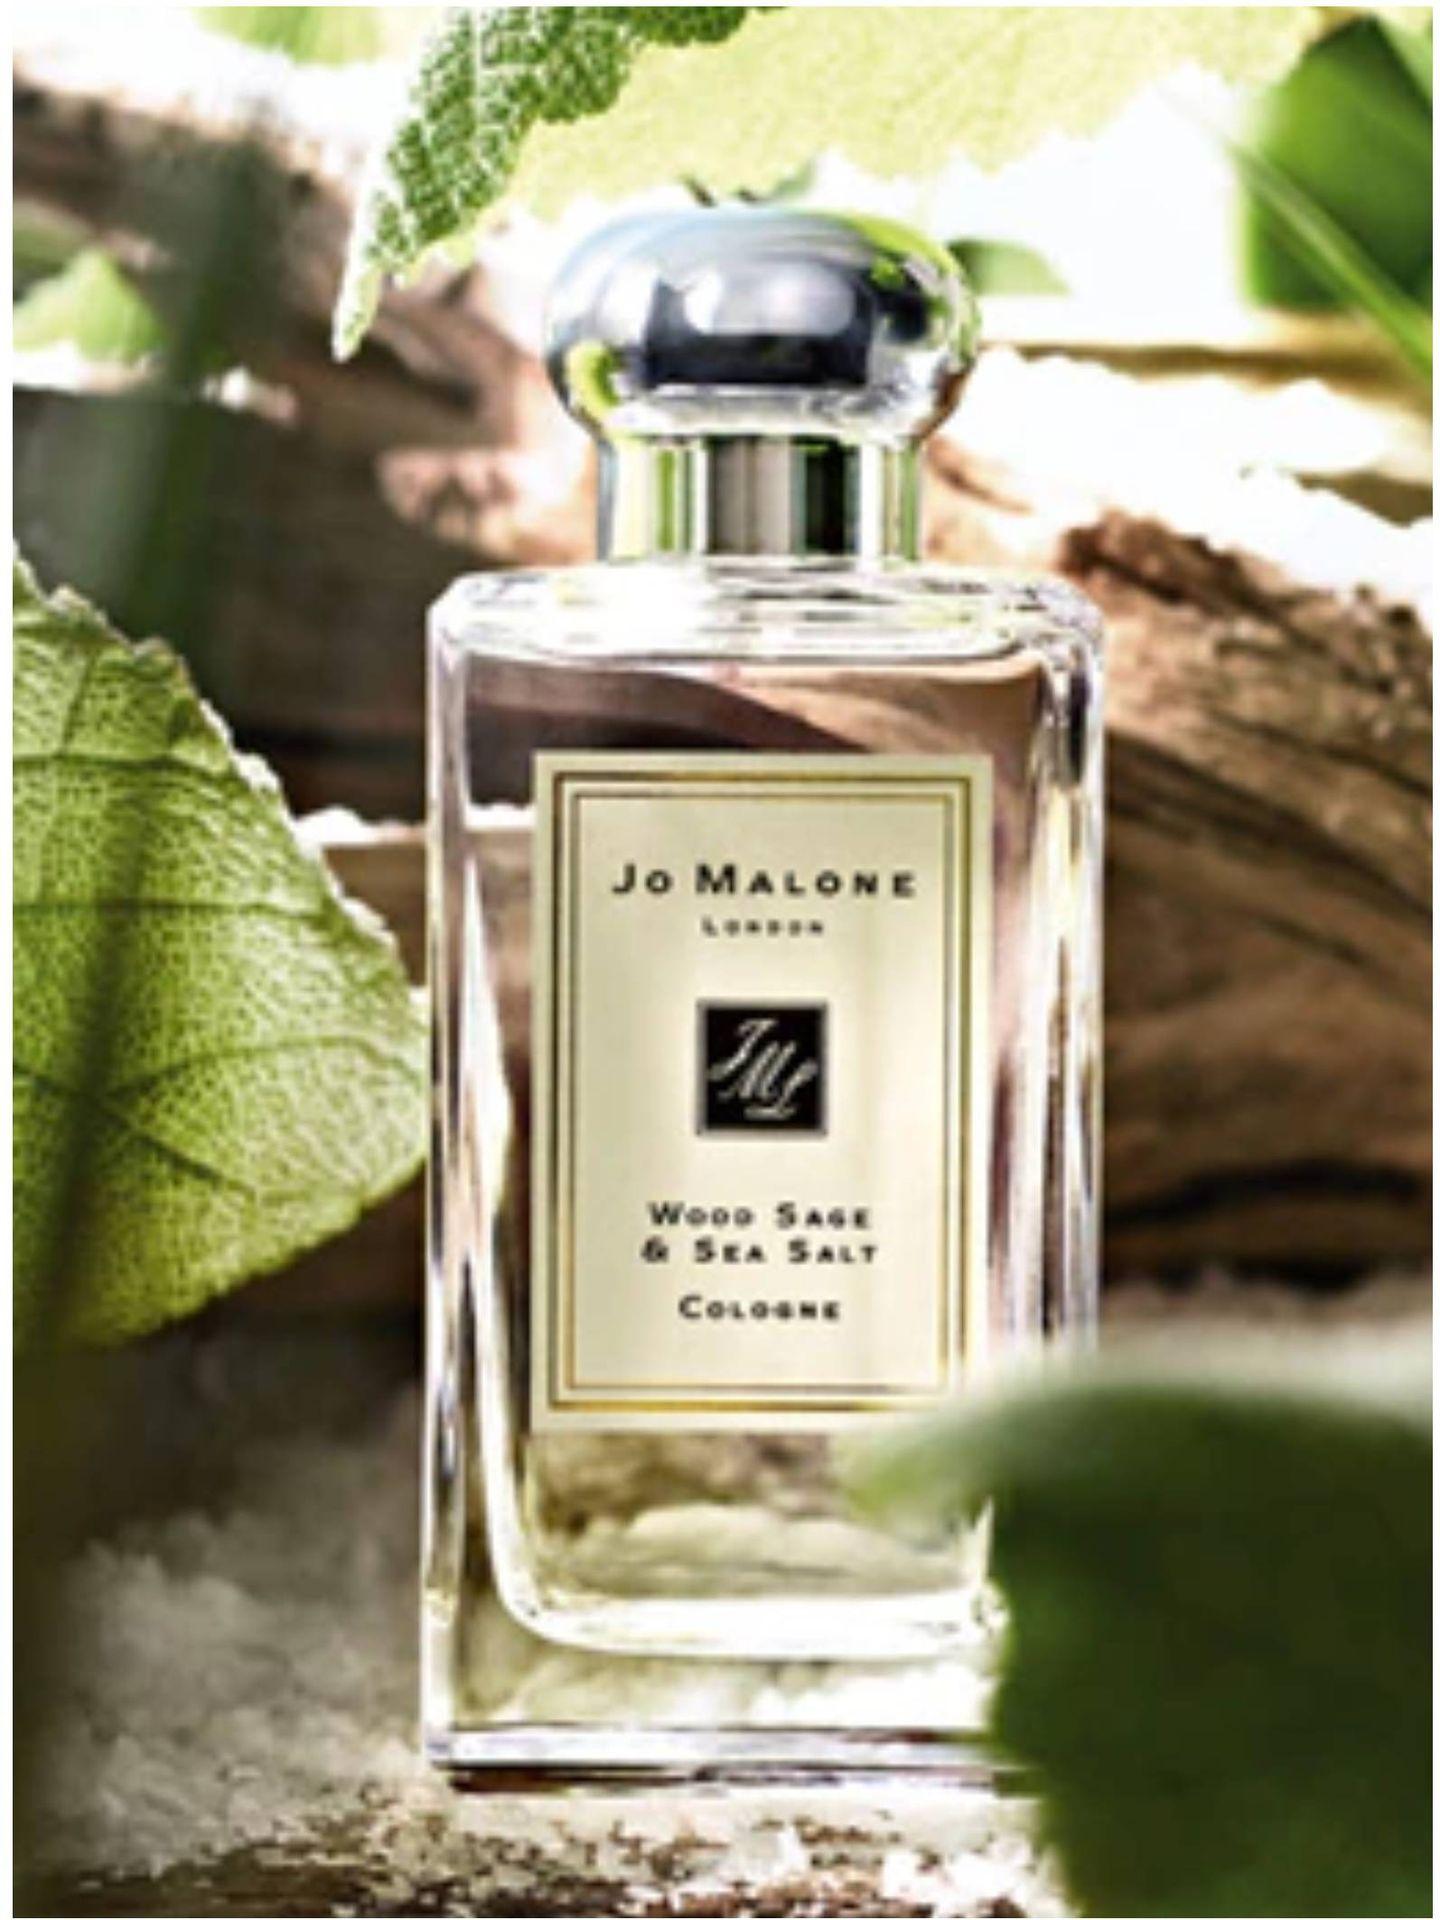 Fragancias y perfumes con olor a verano. (Cortesía)